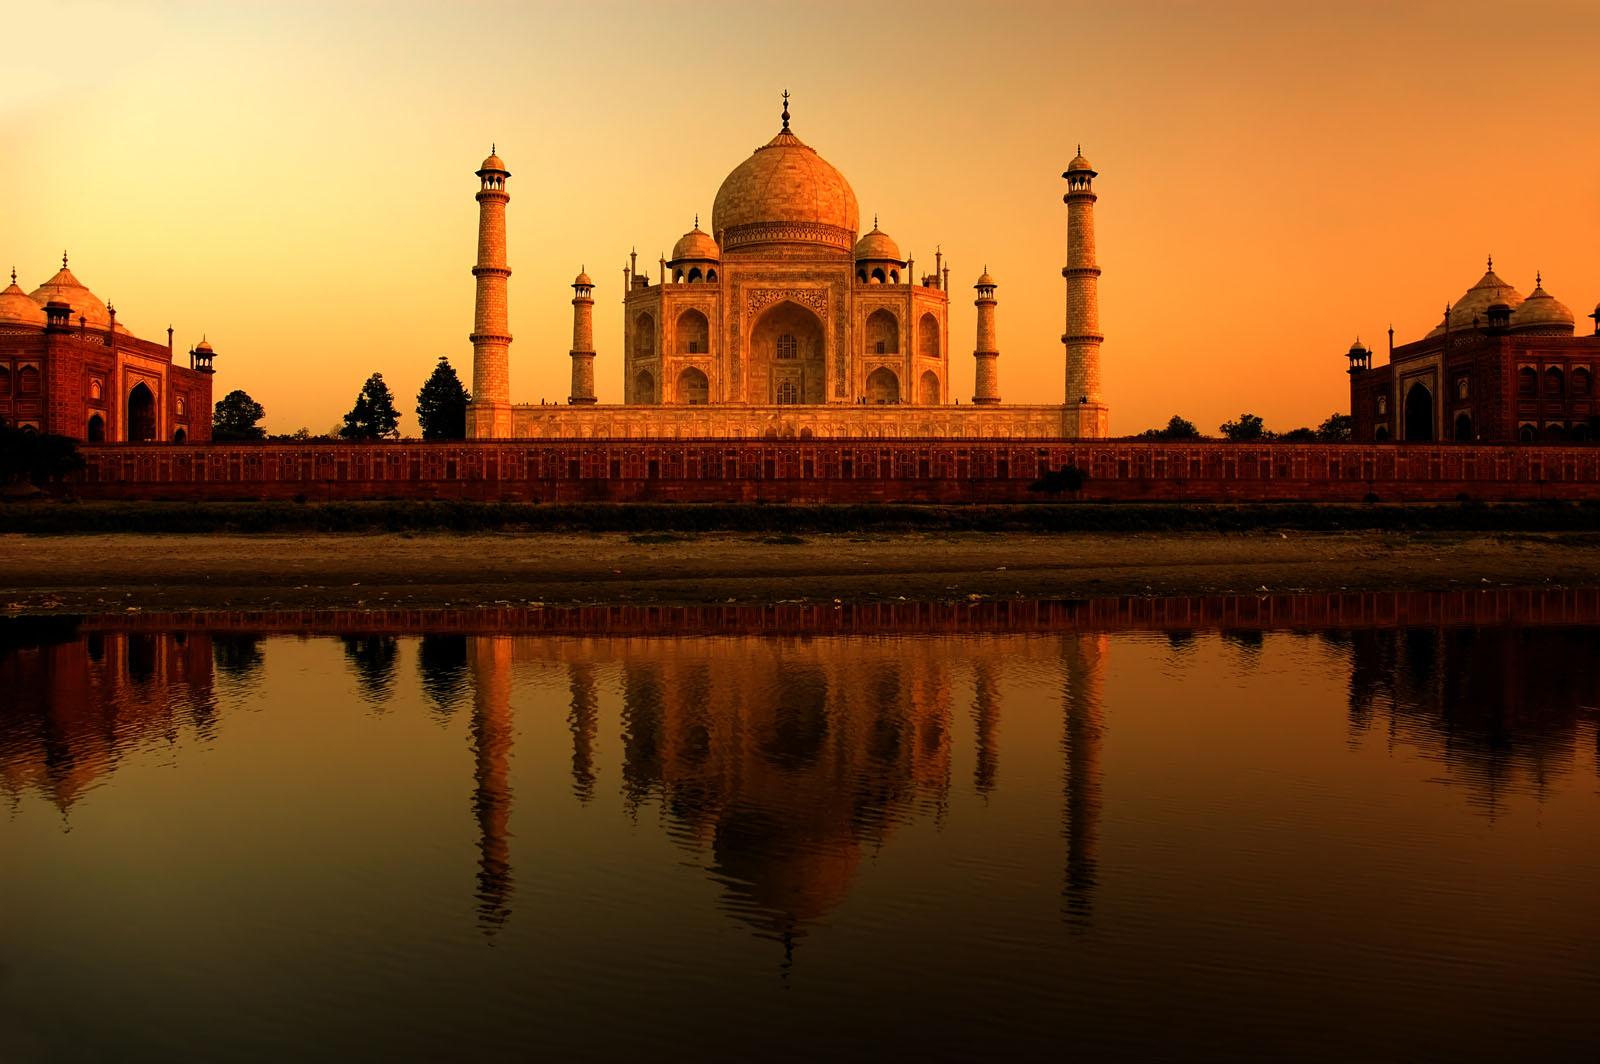 Taj mahal of india hd wallpaper latestwallpaper99 - Taj mahal background hd ...